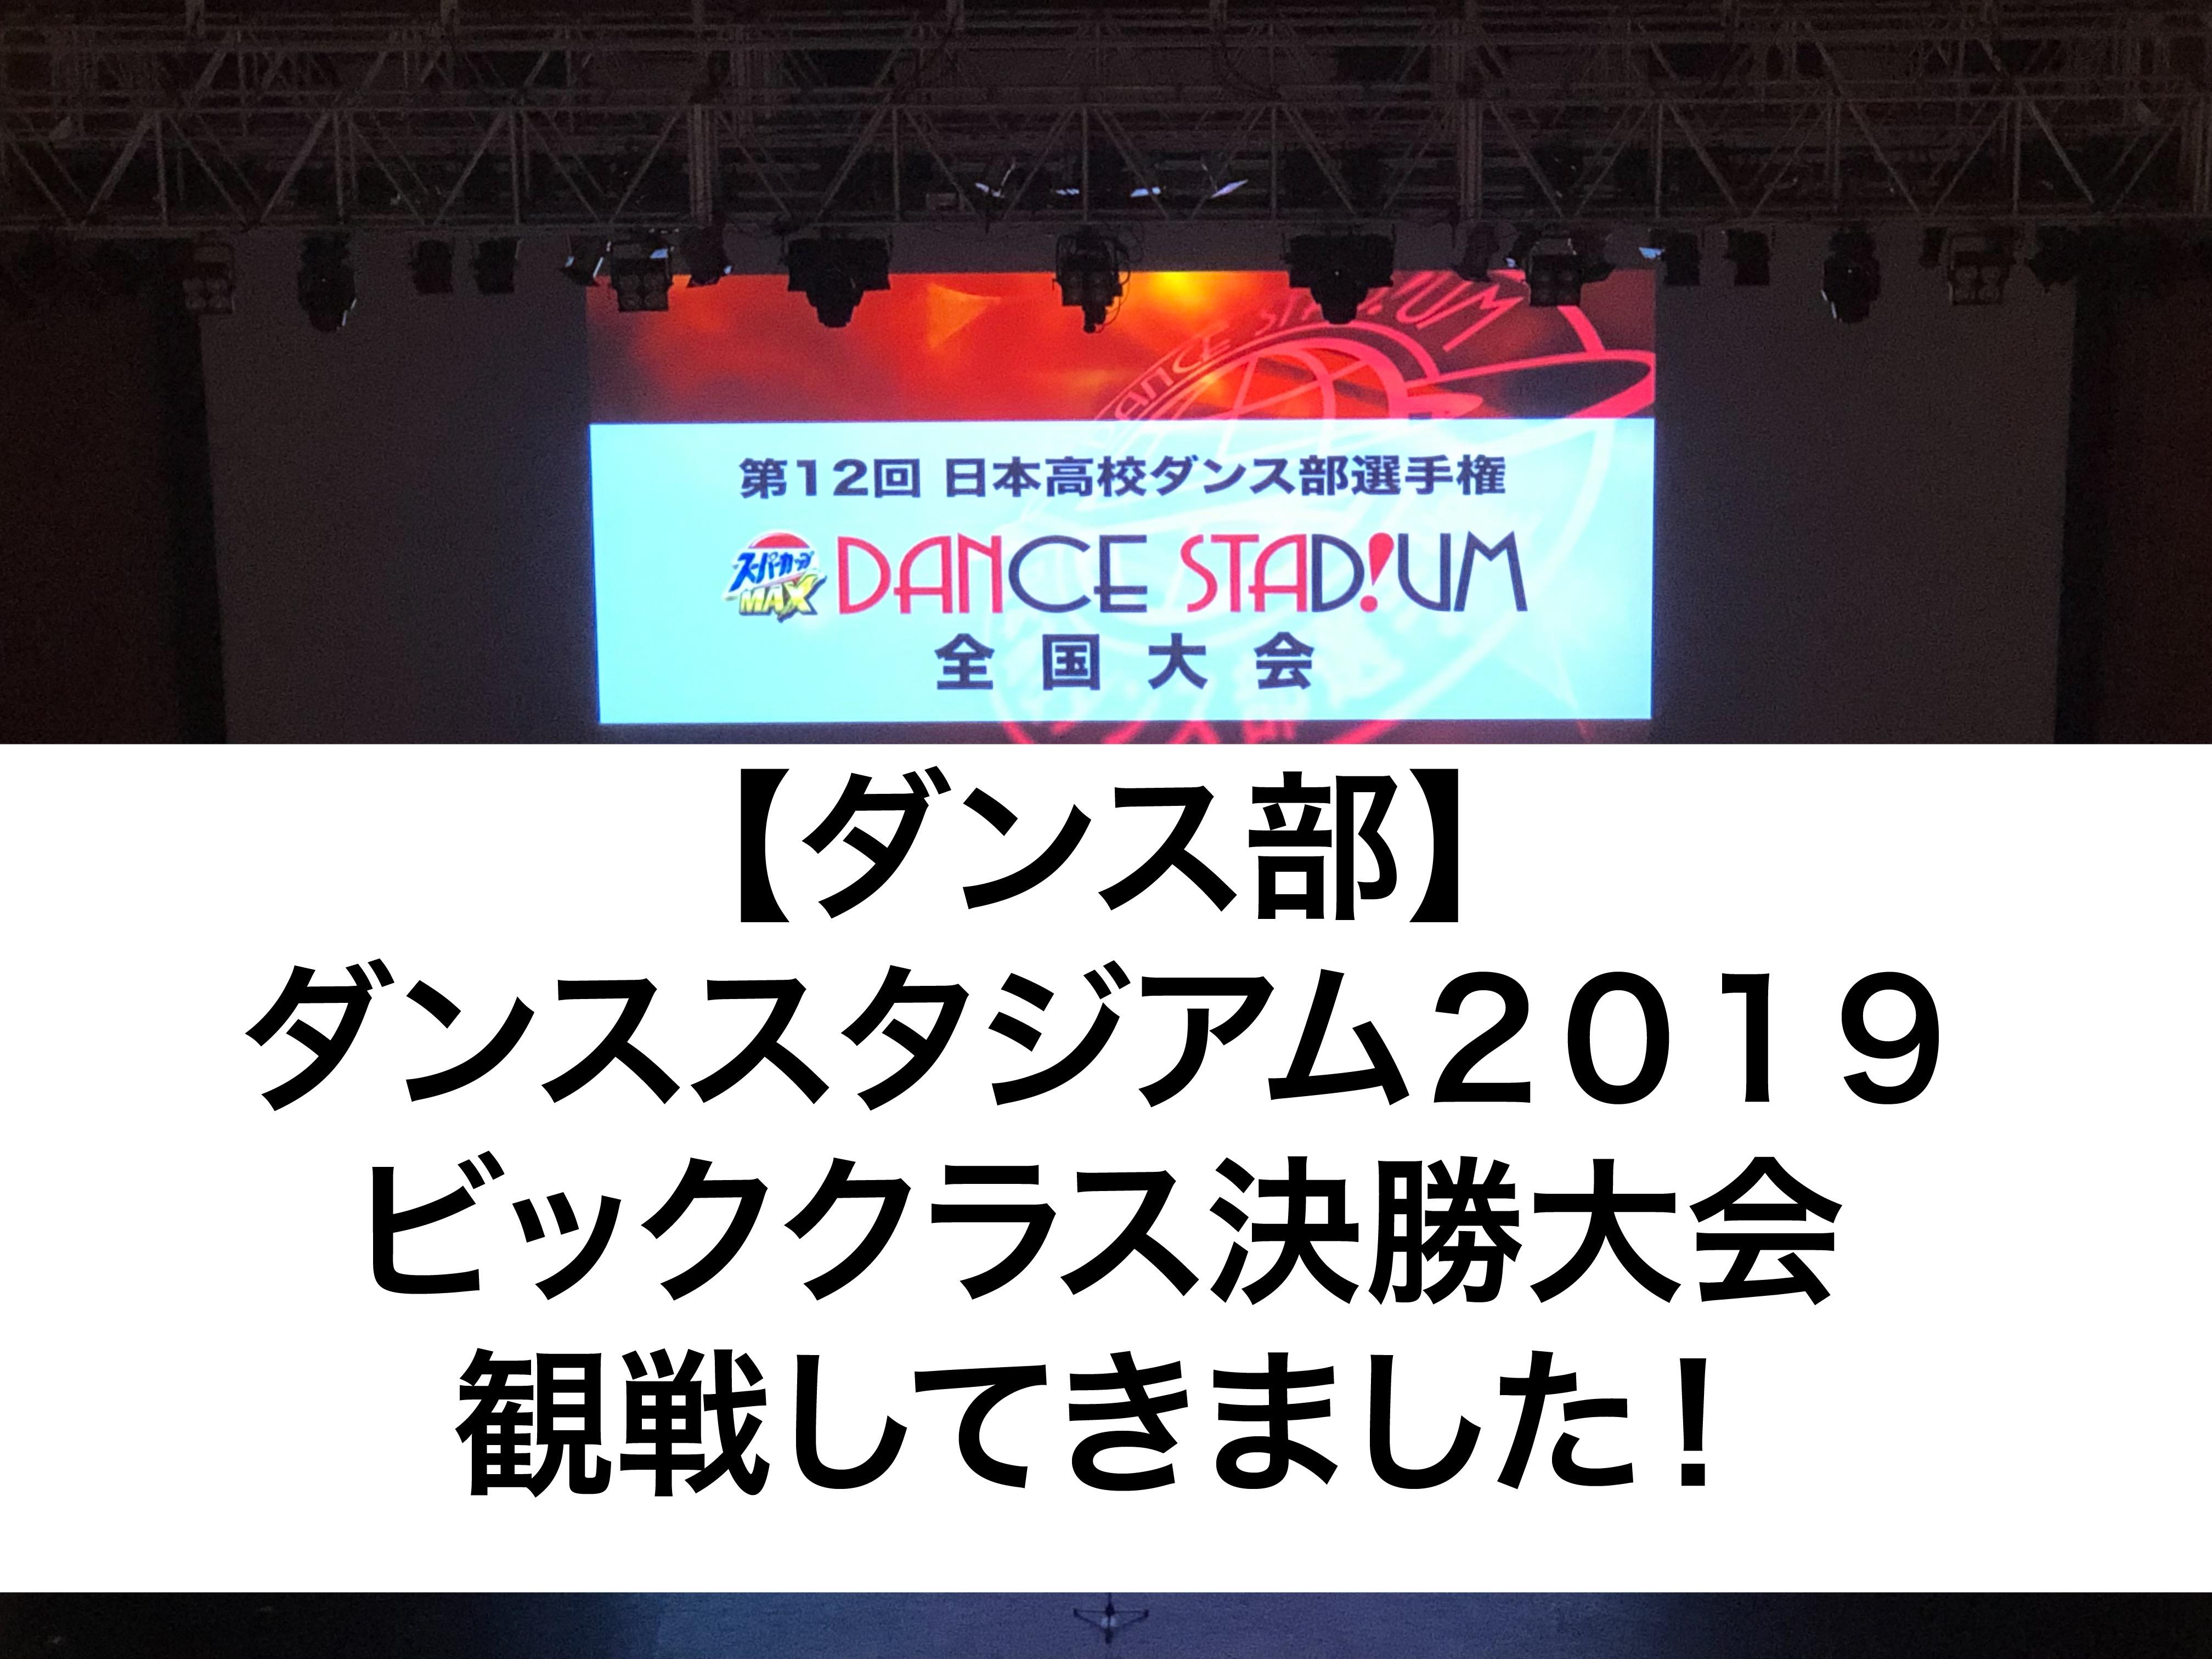 ダンス スタジアム 2019 結果